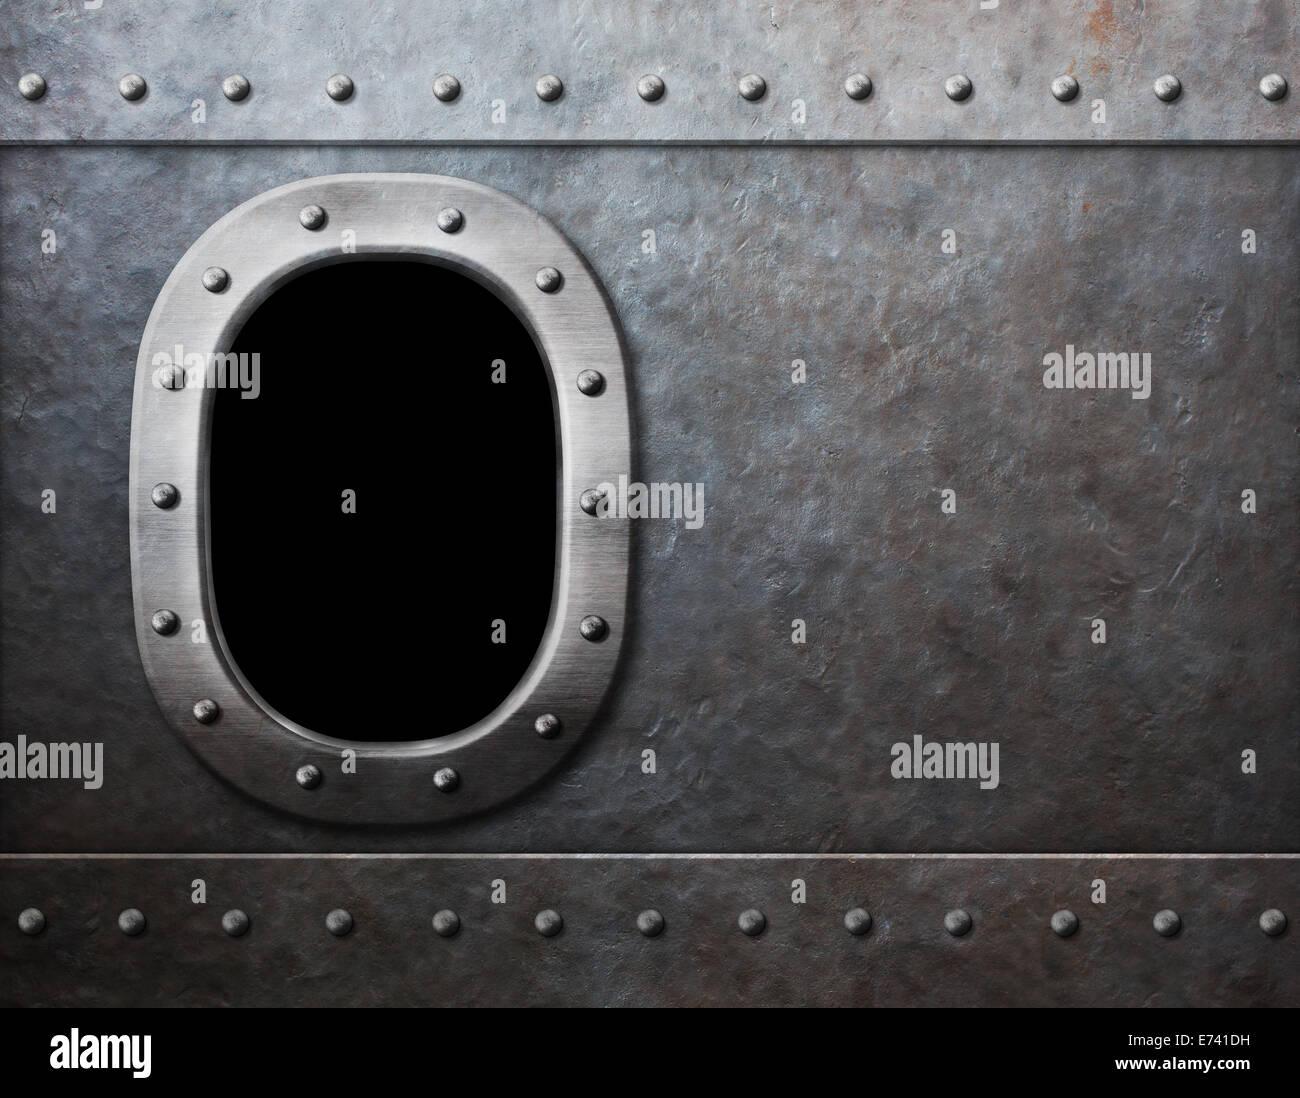 Buque o submarino Steam Punk metal fondo de ventana Imagen De Stock